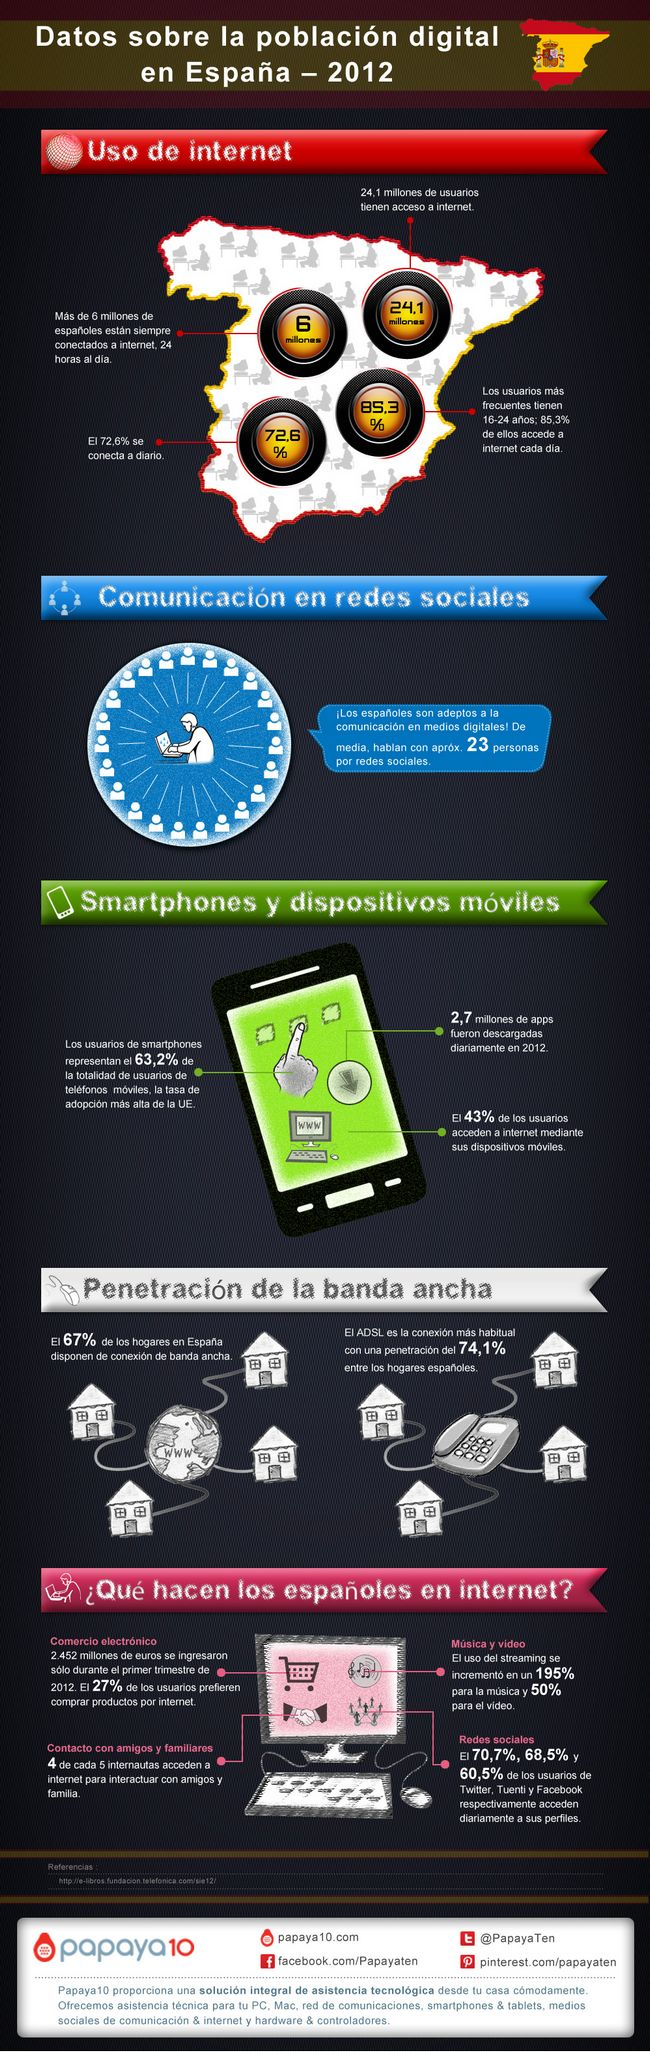 Pobración digital de España